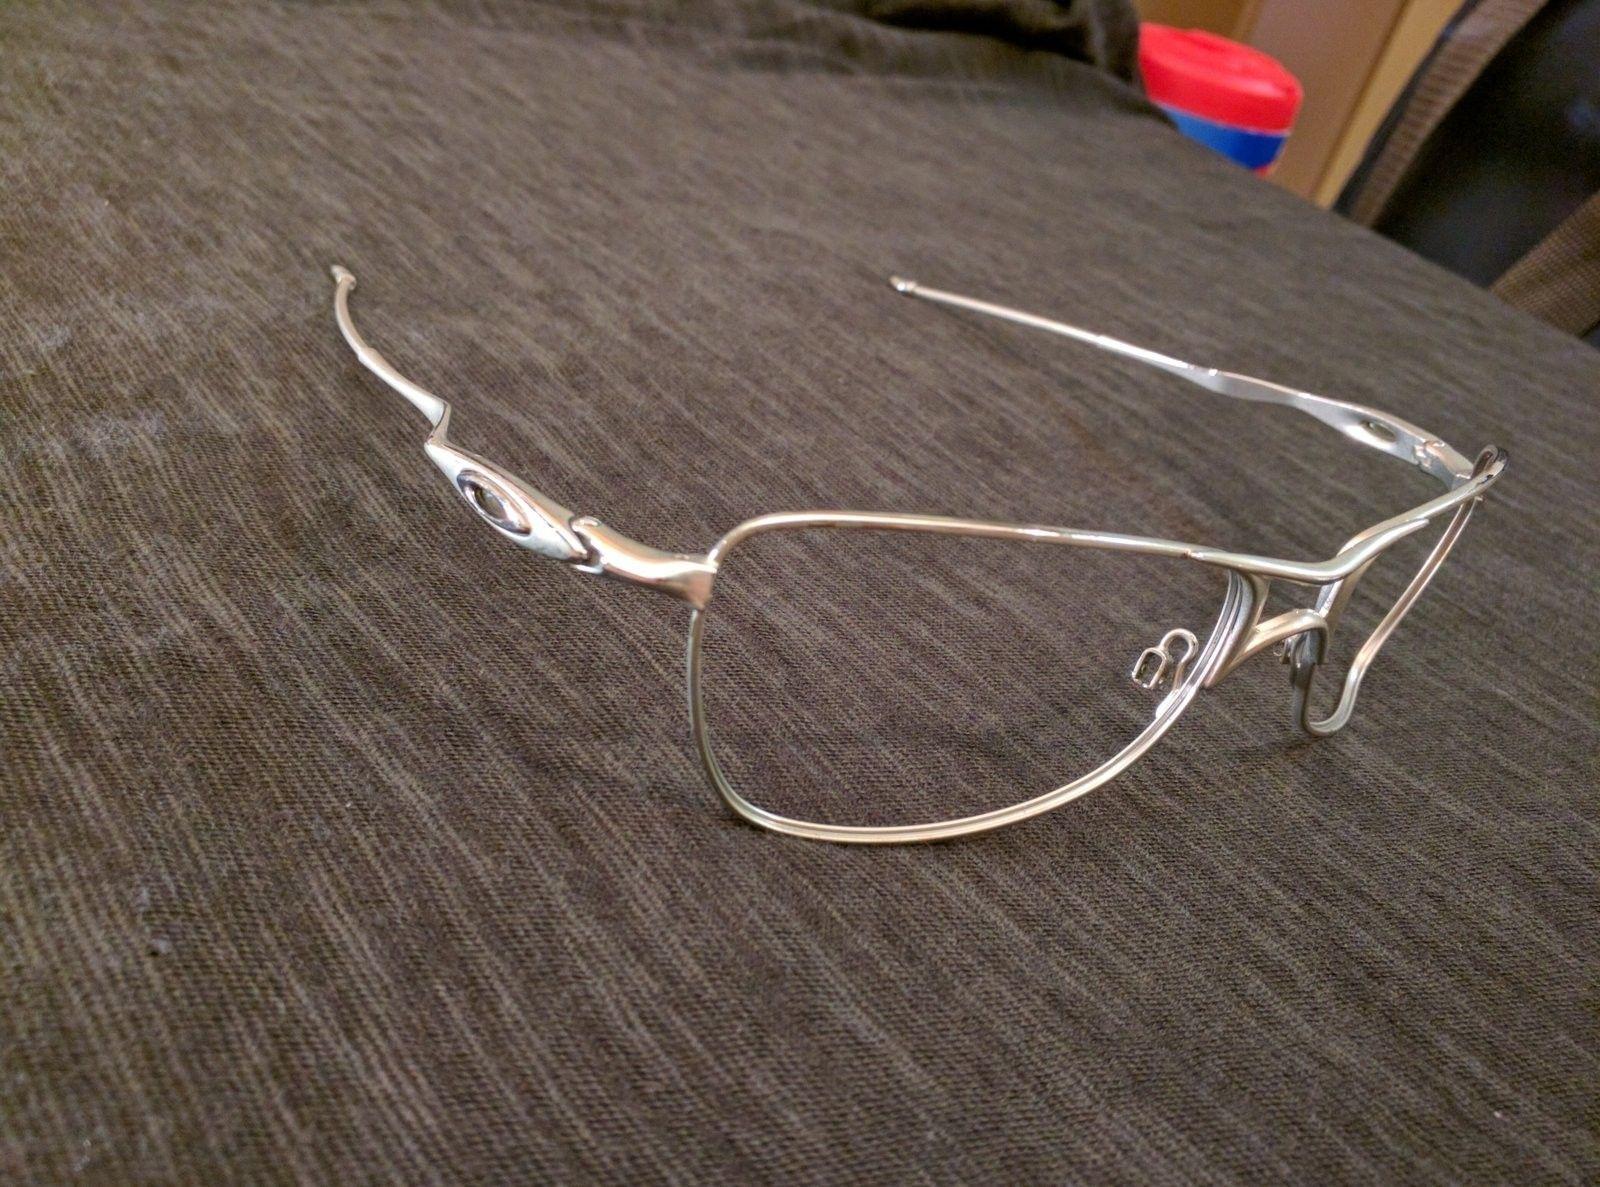 Oakley crosshair screw size - IMG_20160727_205106.jpg